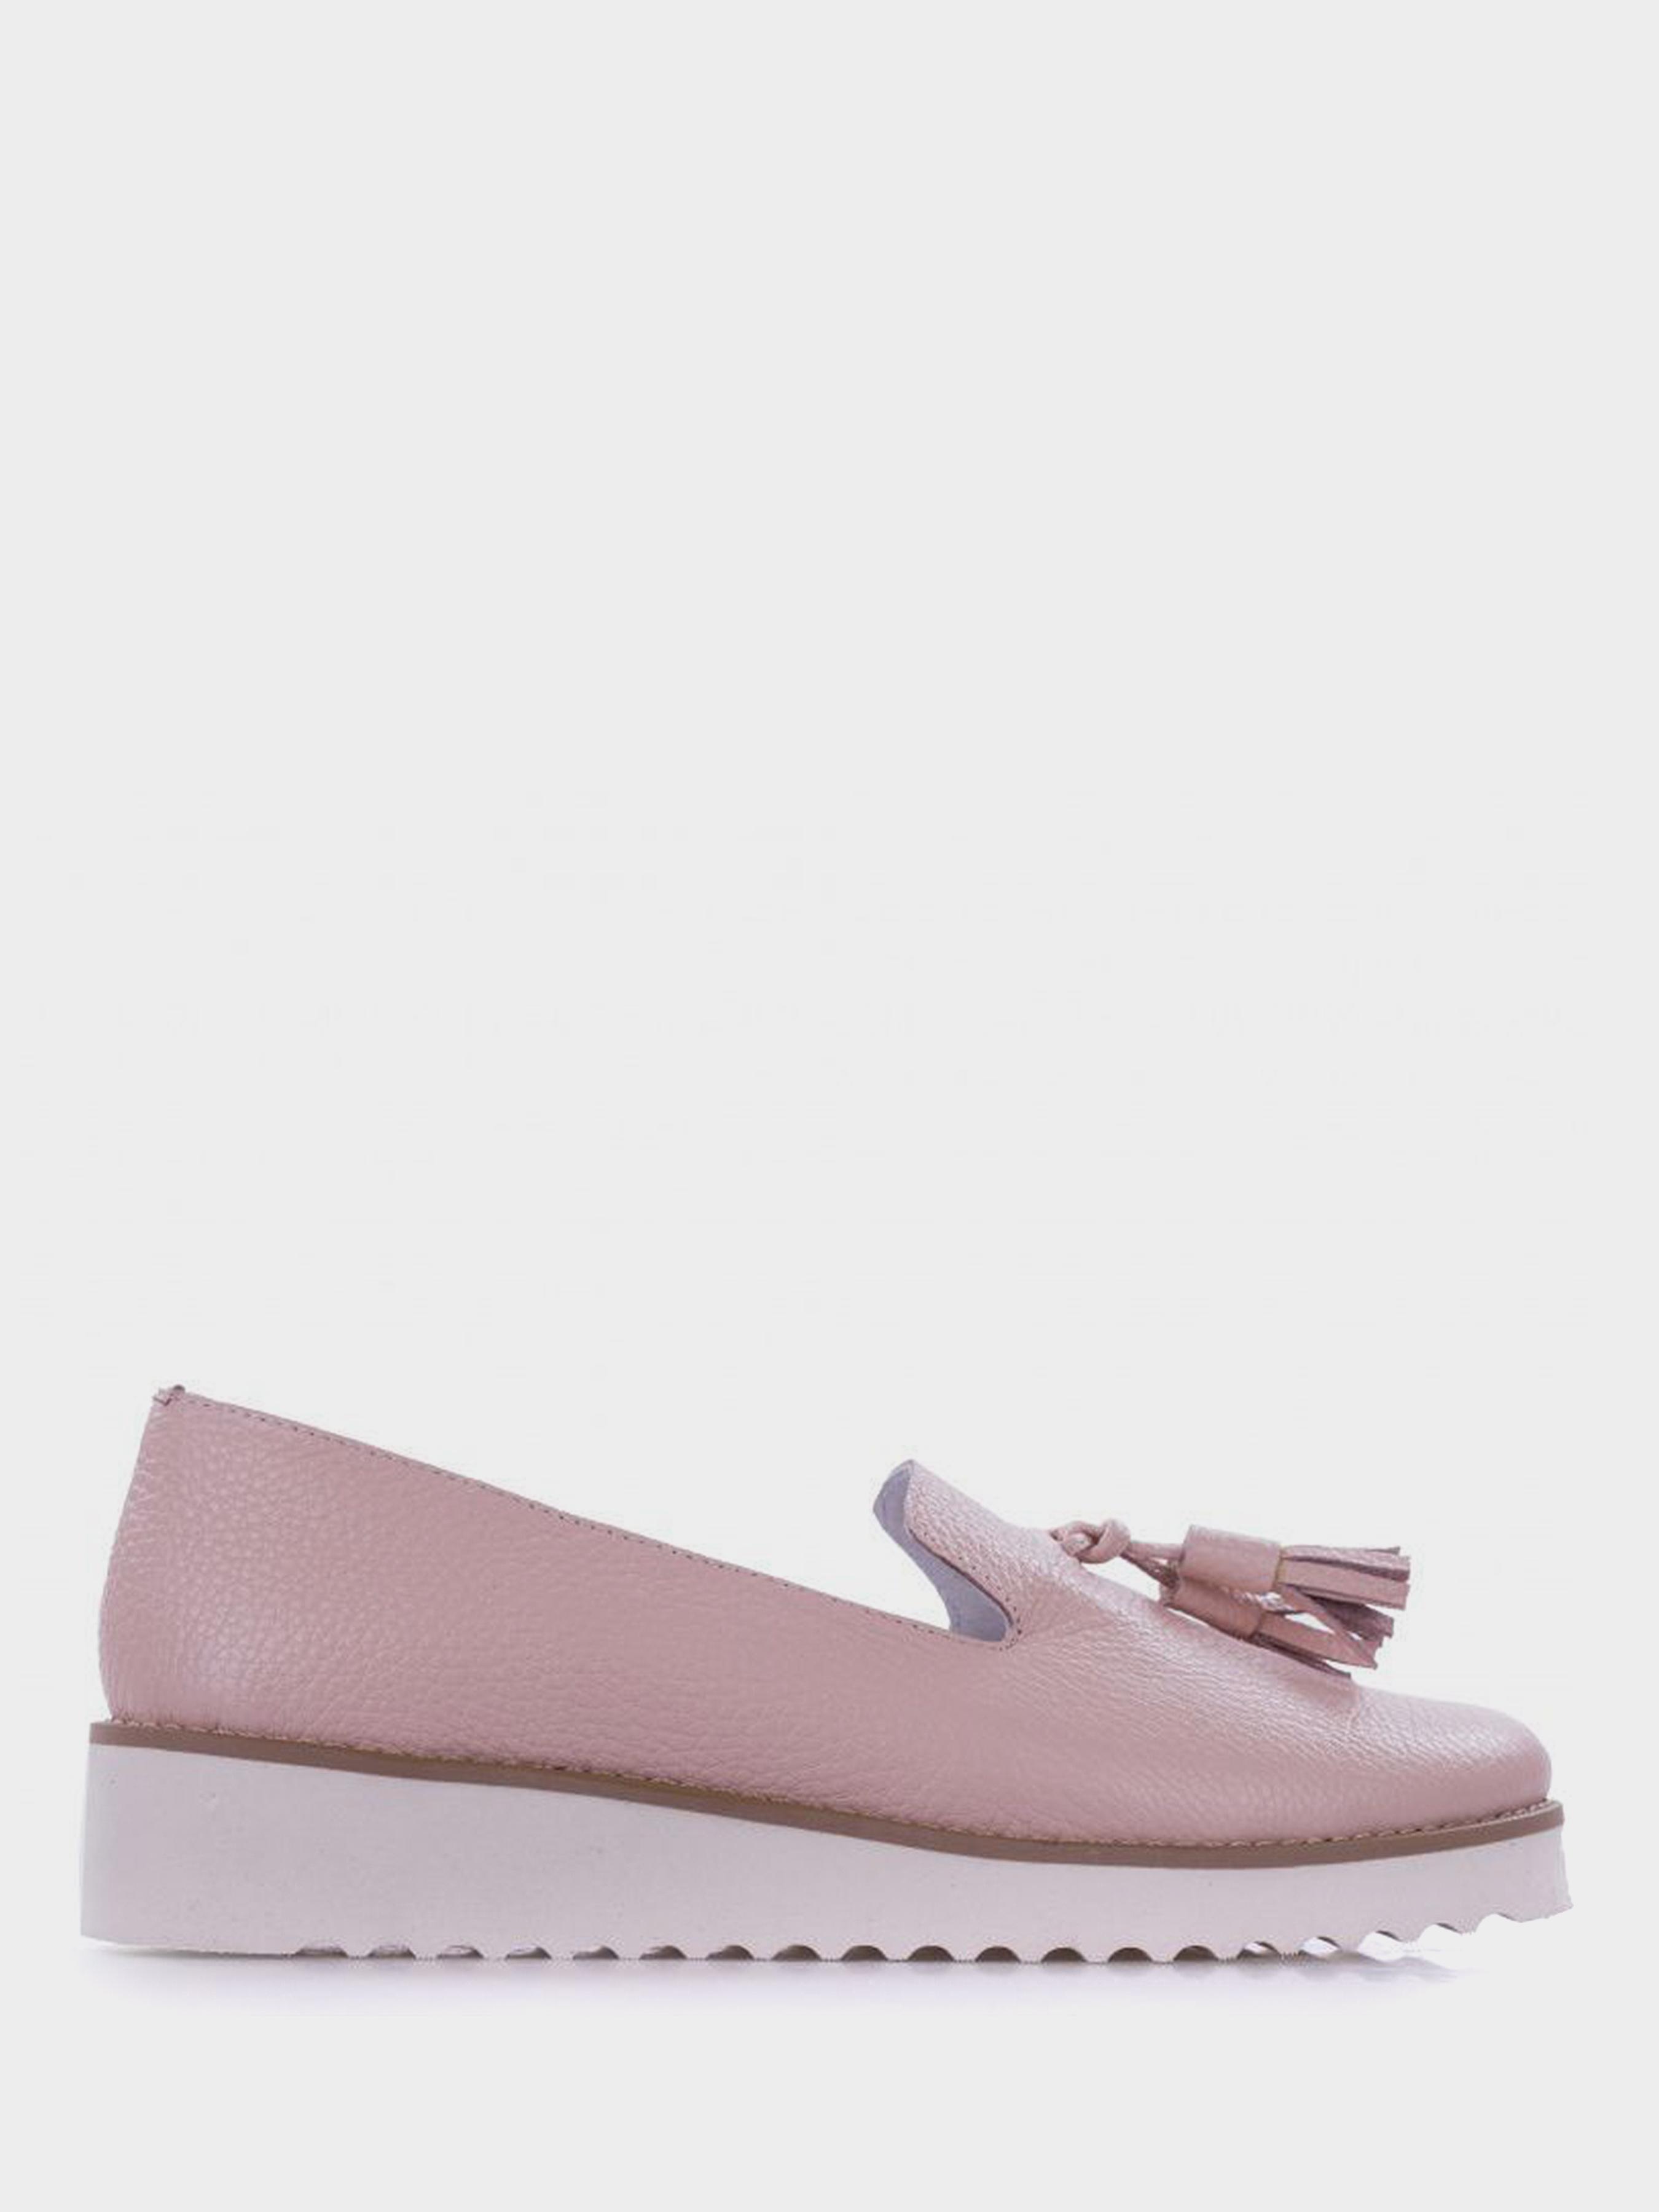 Туфли для женщин MiO Parenti 8C10 размерная сетка обуви, 2017